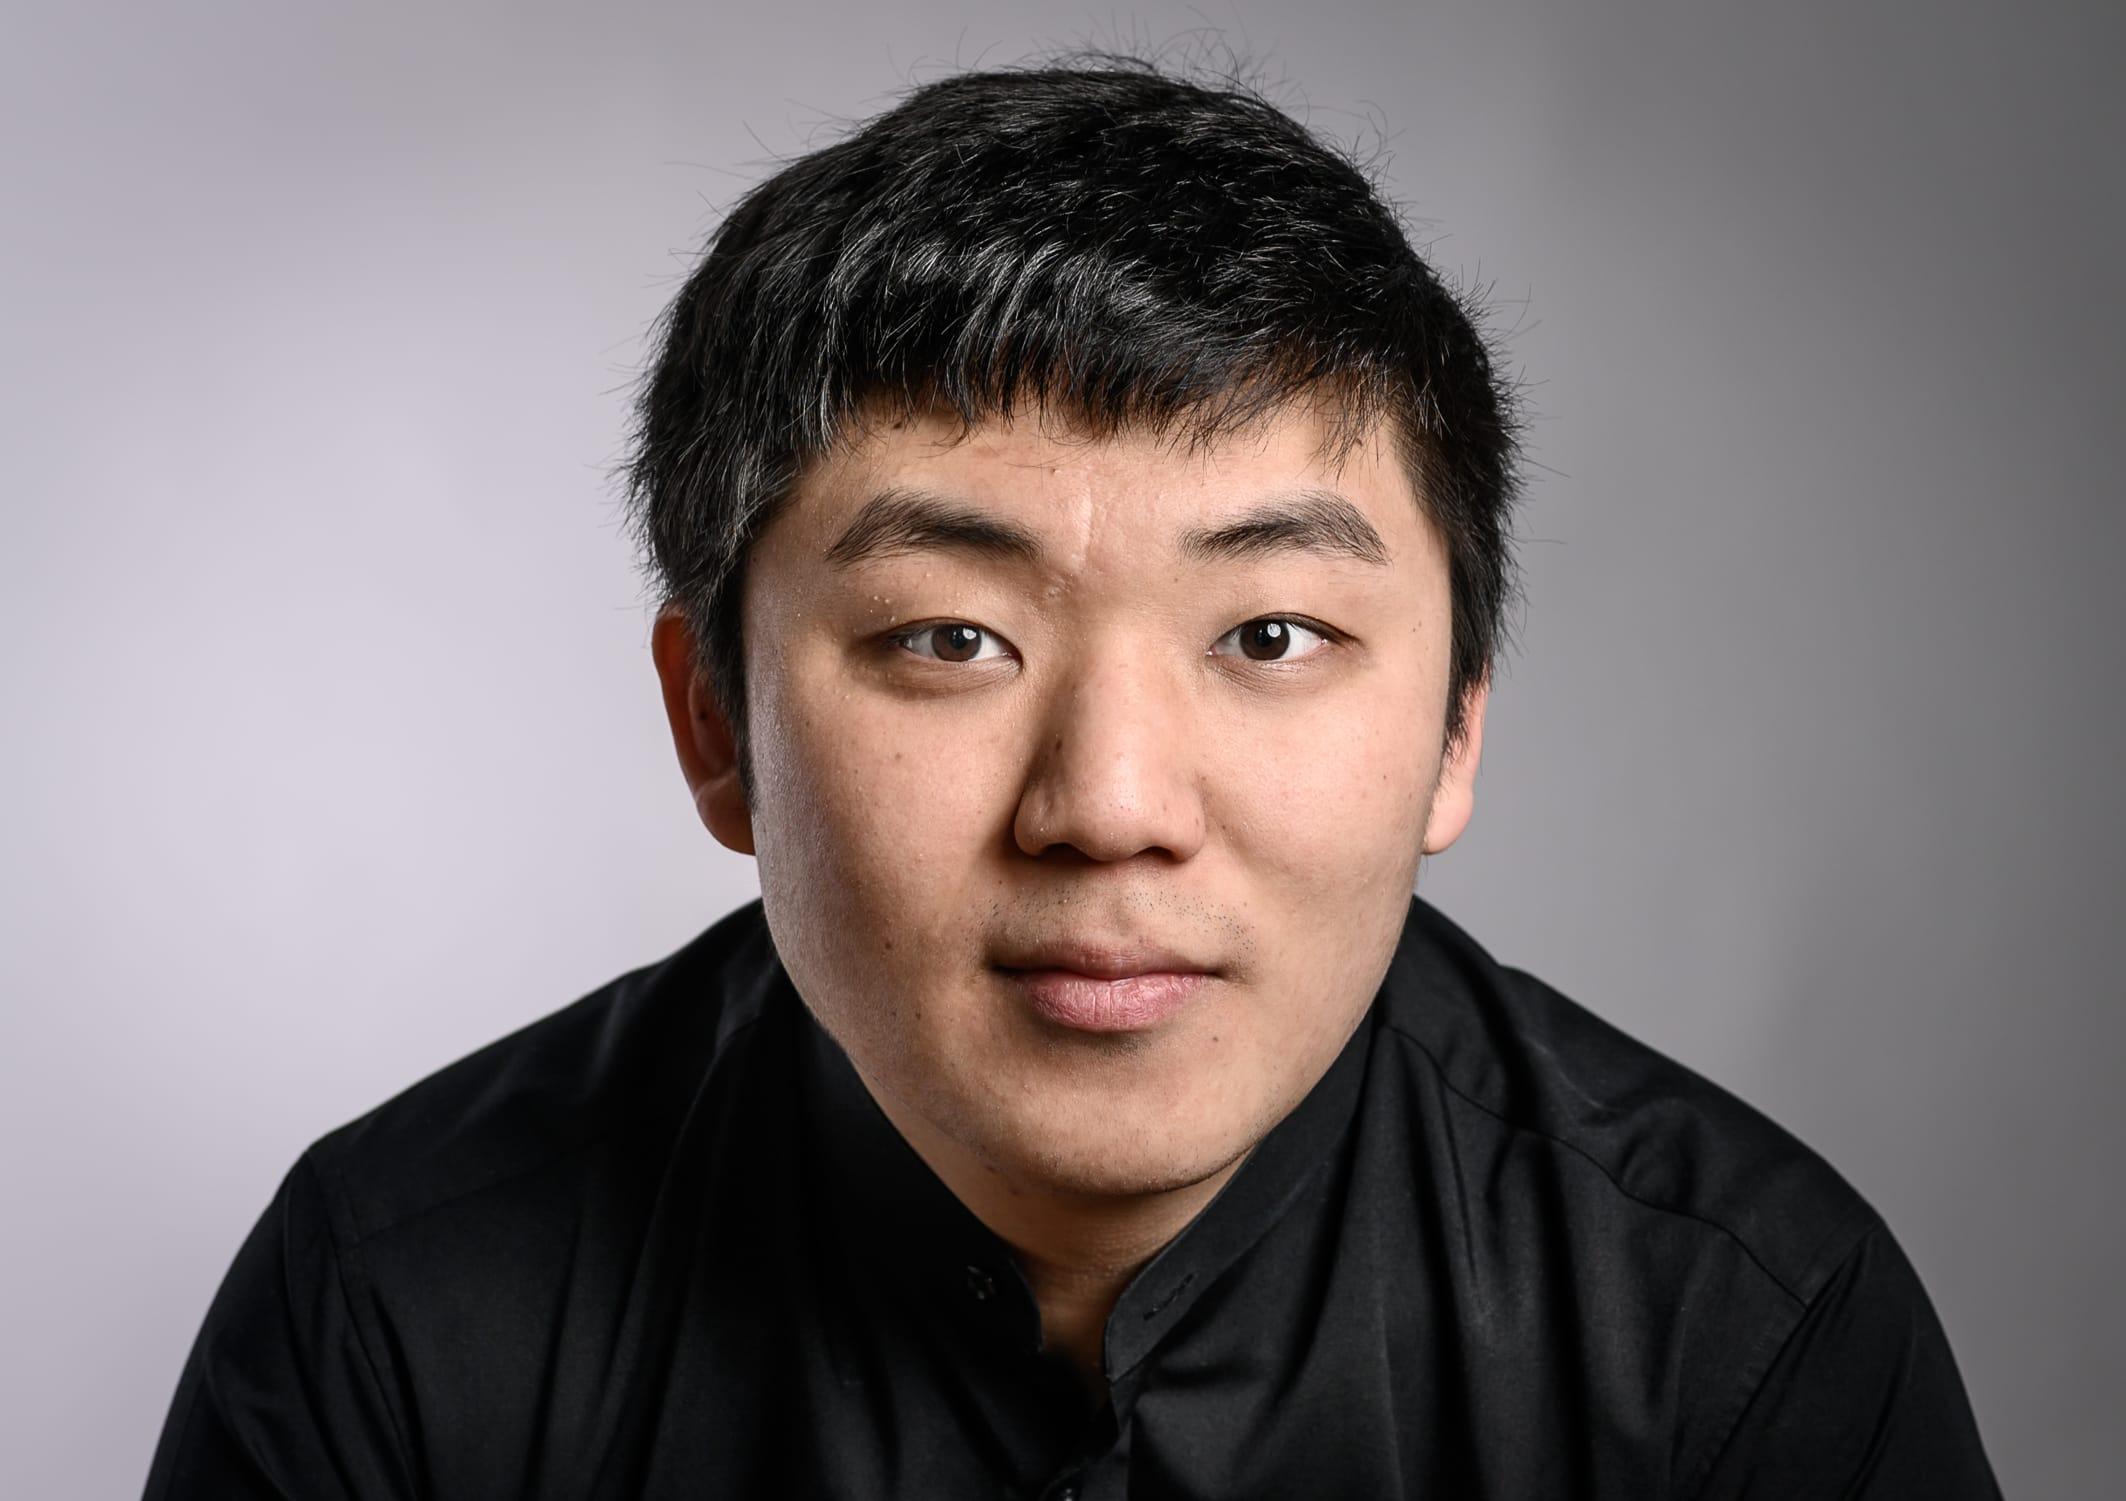 portrait Foto von Hankyeol Yoon